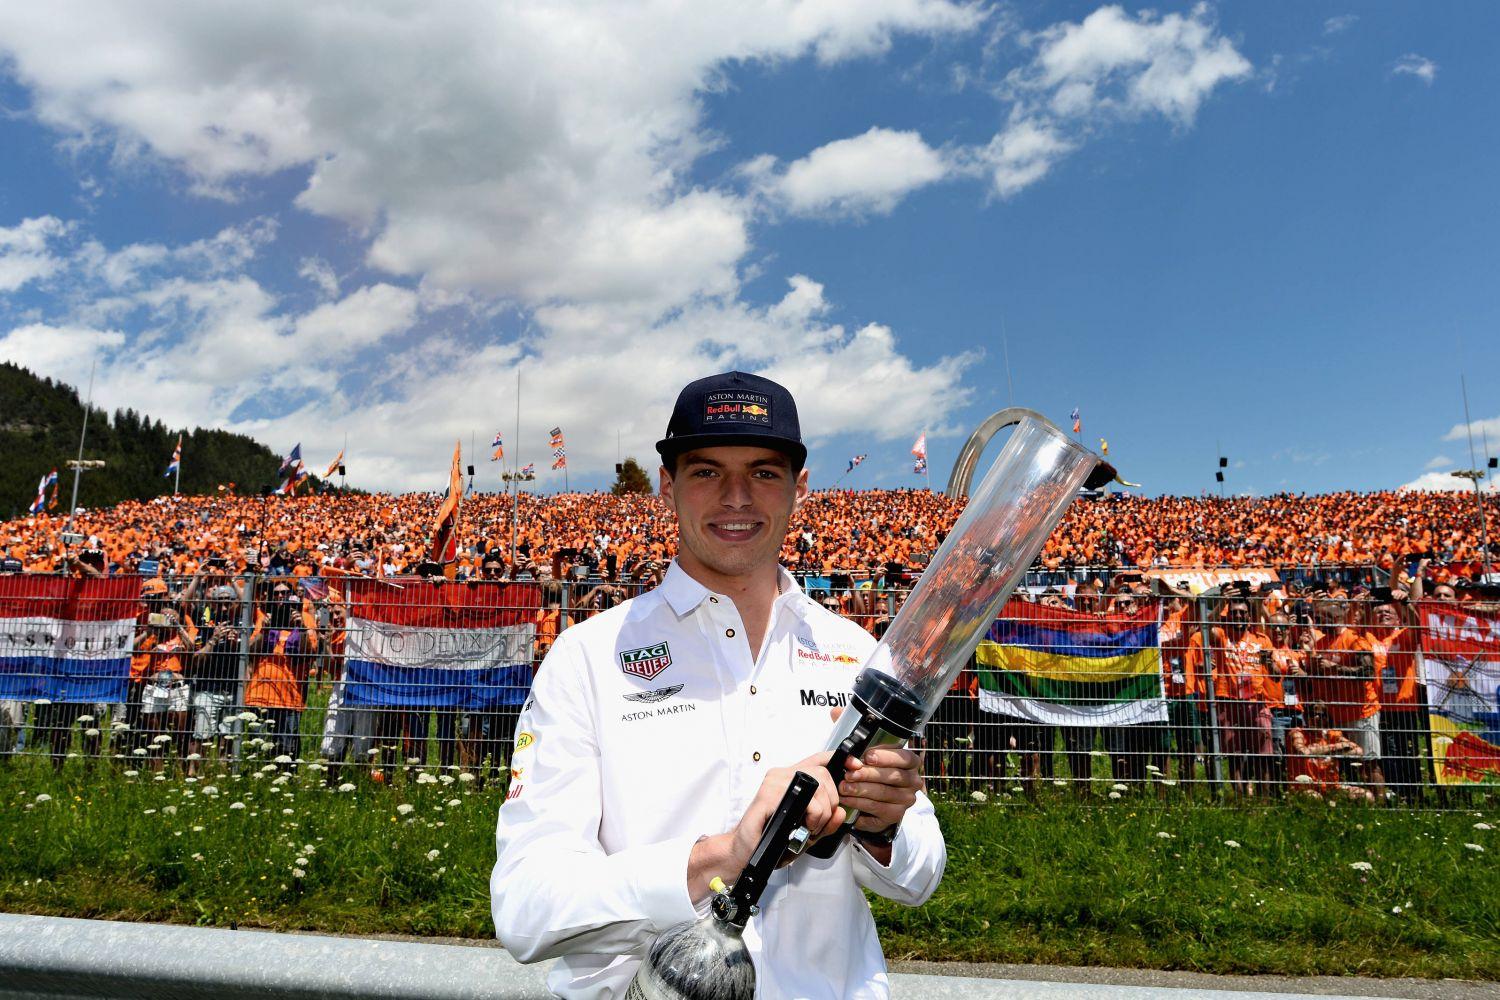 © Red Bull - Max Verstappen a pu célébrer sa victoire face à ses nombreux fans